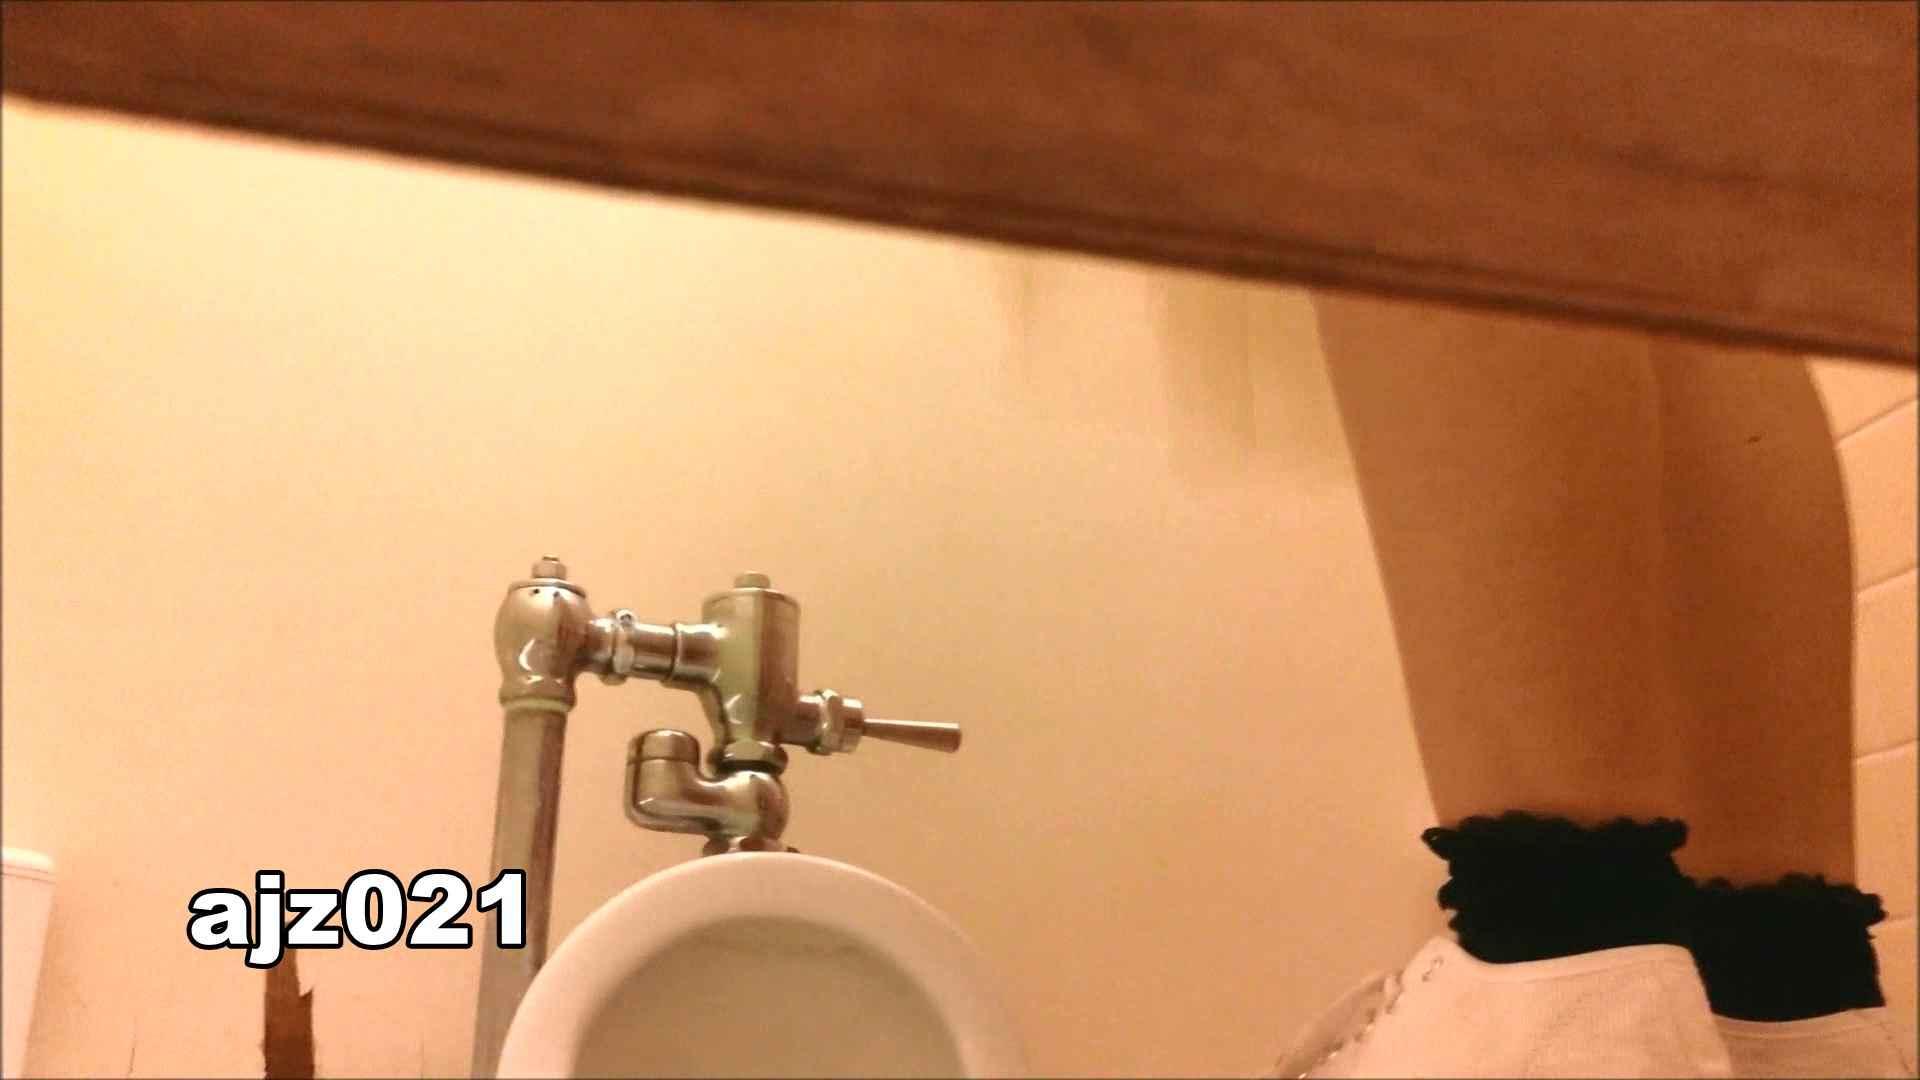 某有名大学女性洗面所 vol.21 投稿 AV動画キャプチャ 92枚 22